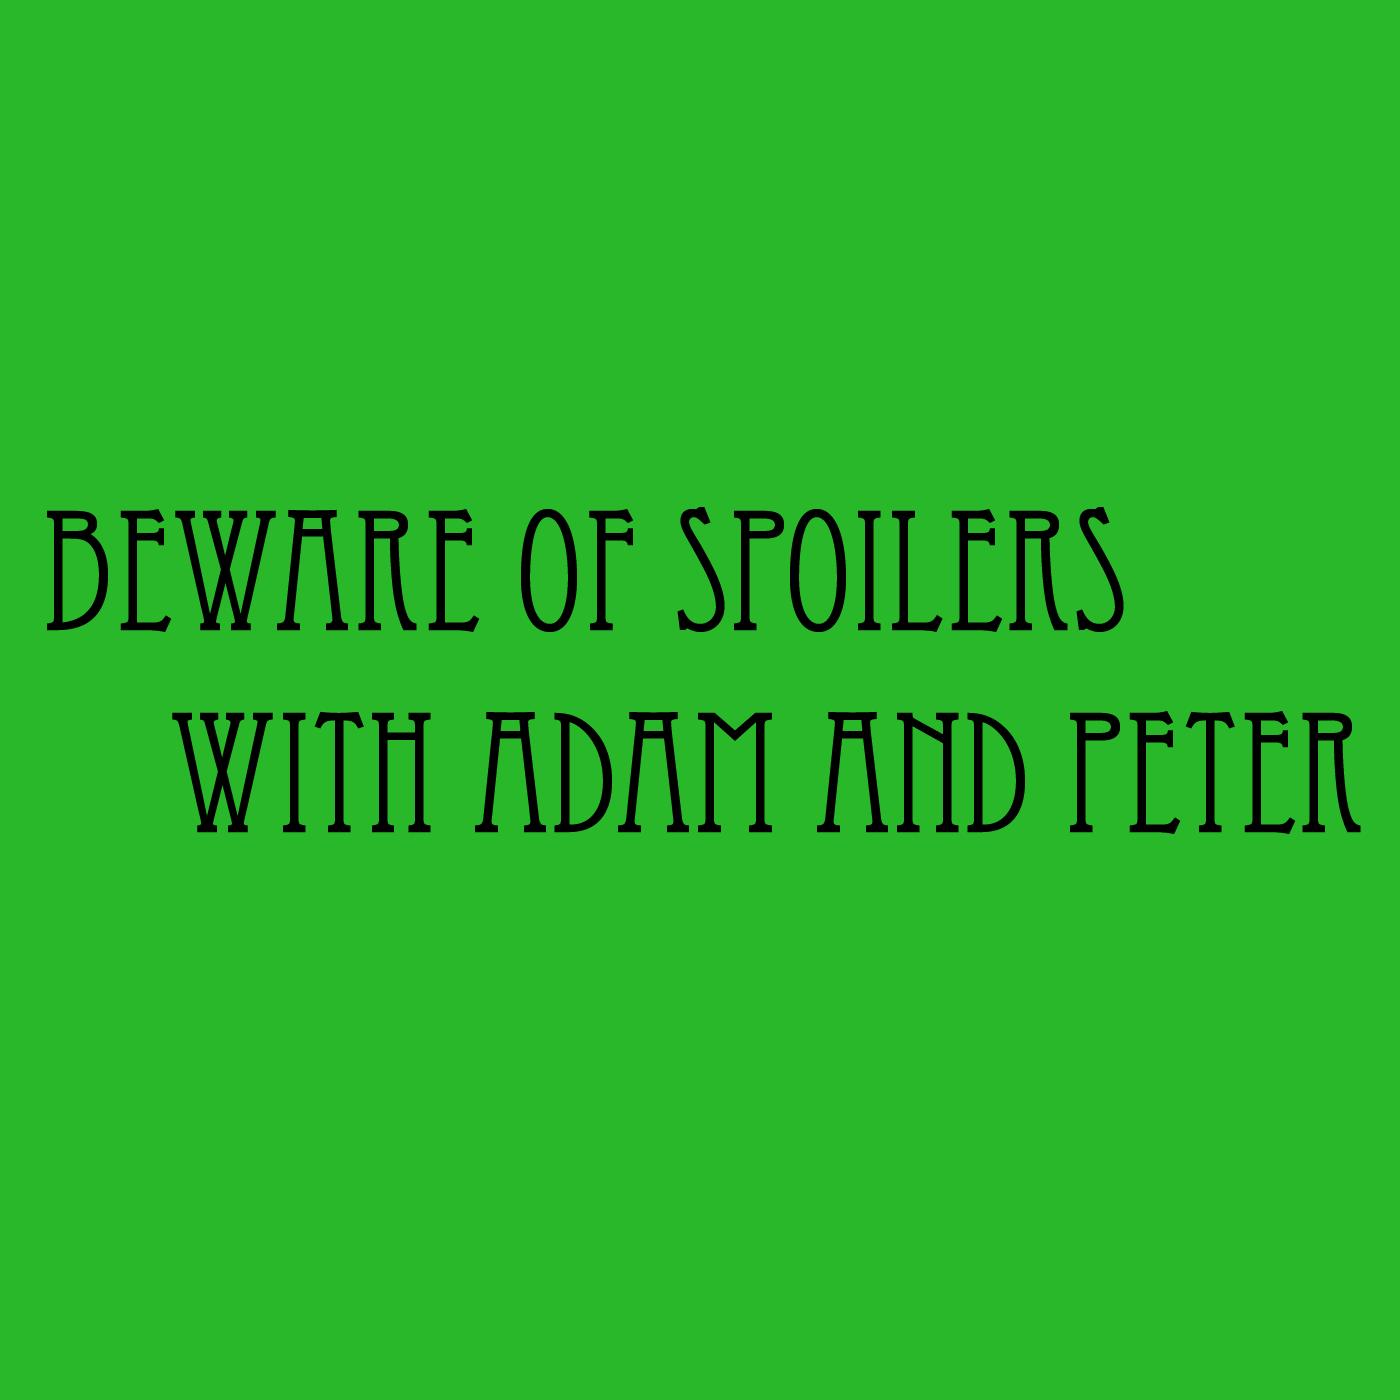 Beware of Spoilers